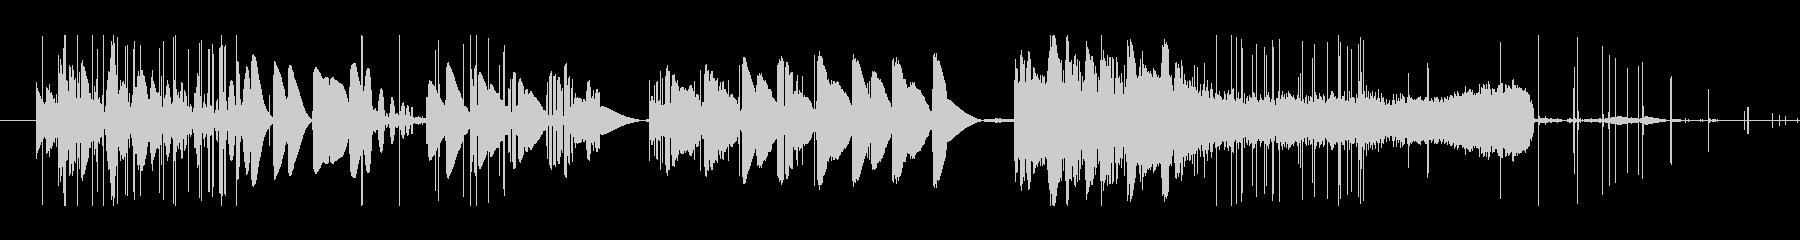 研削スクラッチの未再生の波形